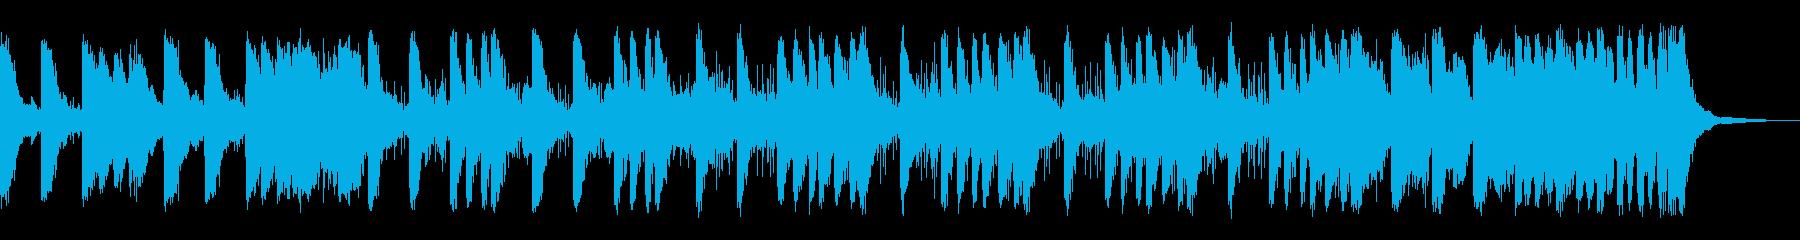 代替ミックス駆動、追求、決定の再生済みの波形